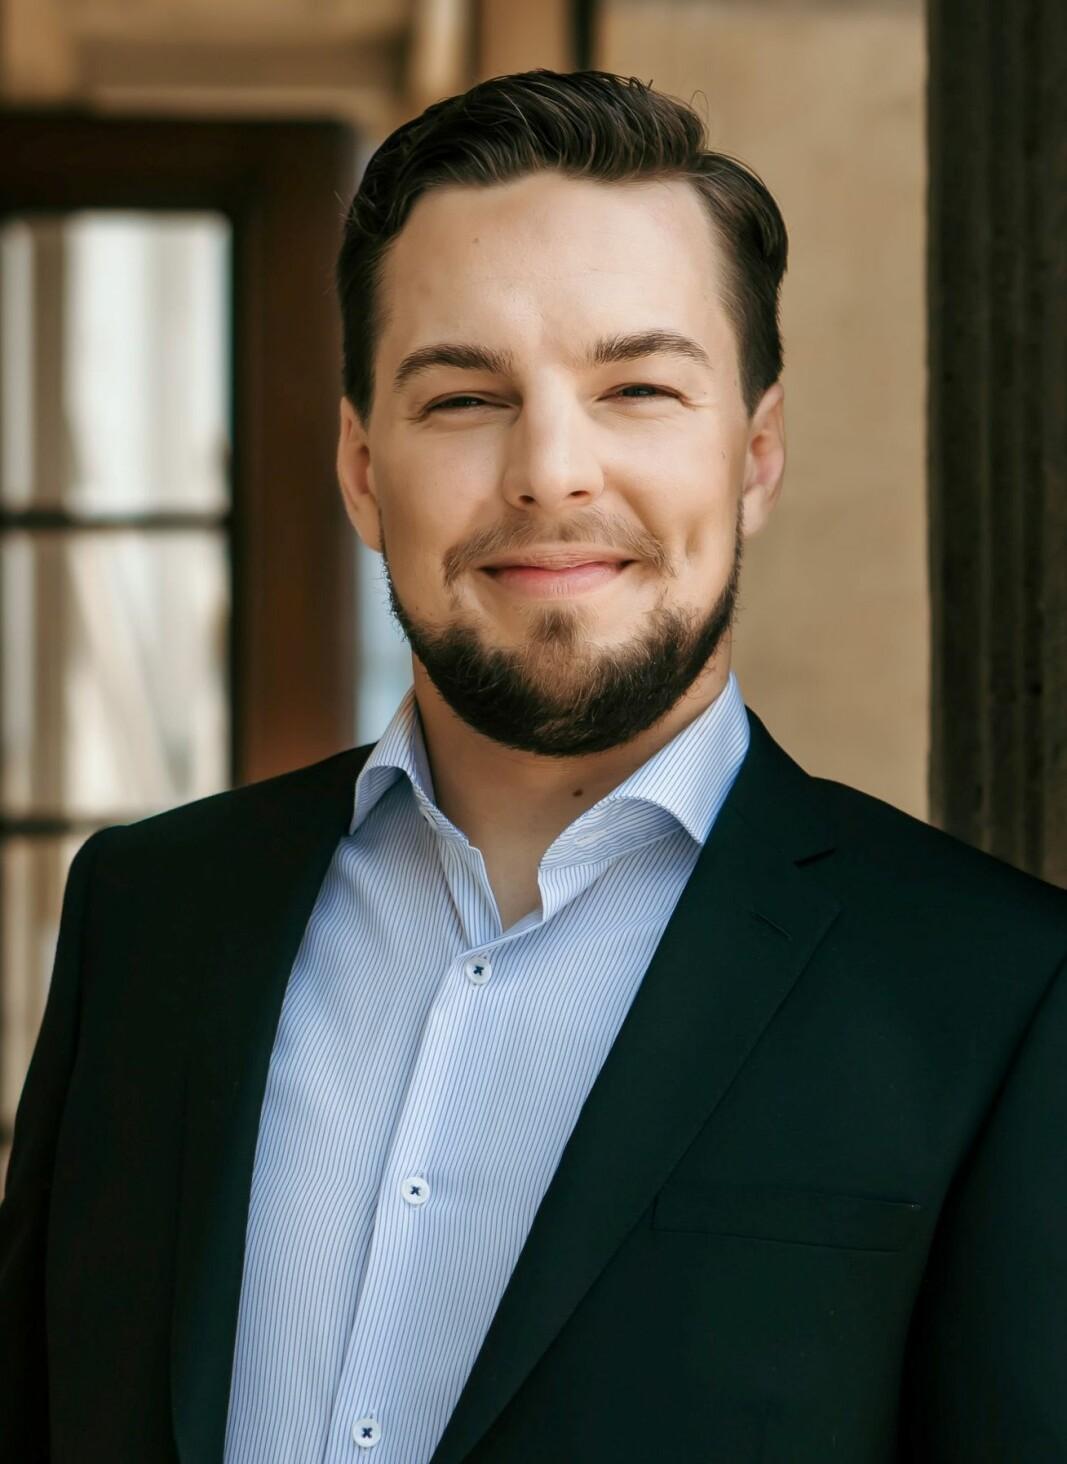 Erik Rosenius deltok sist på Jonsvaka i Åsskard. Etter olsokkonserten er han m.a. med i første runde av årets internasjonale Dronning Sonja-konkurranse.